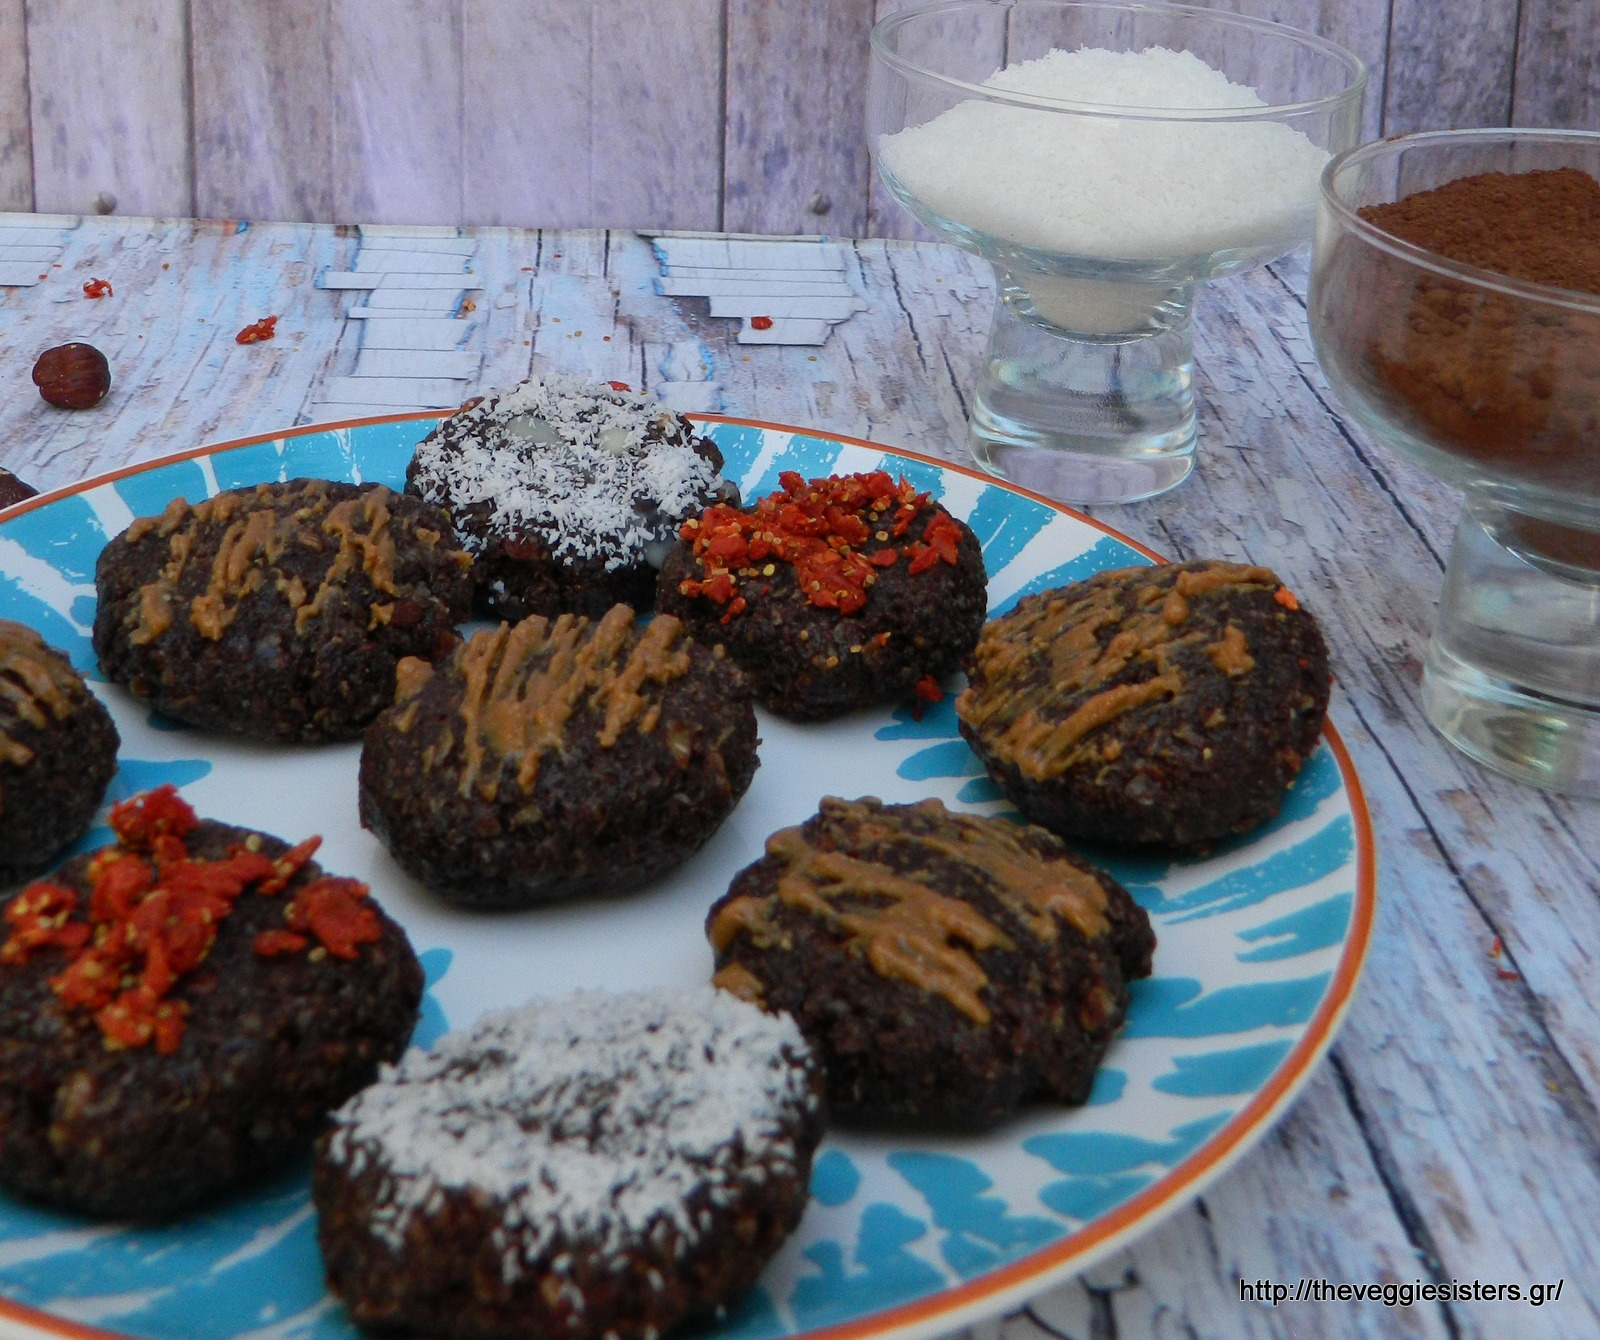 Πεντανόστιμα θρεπτικά σοκολατένια μπισκότα χωρίς ψήσιμο κι οι νικητές του giveaway - No bake vegan chocolate cookies